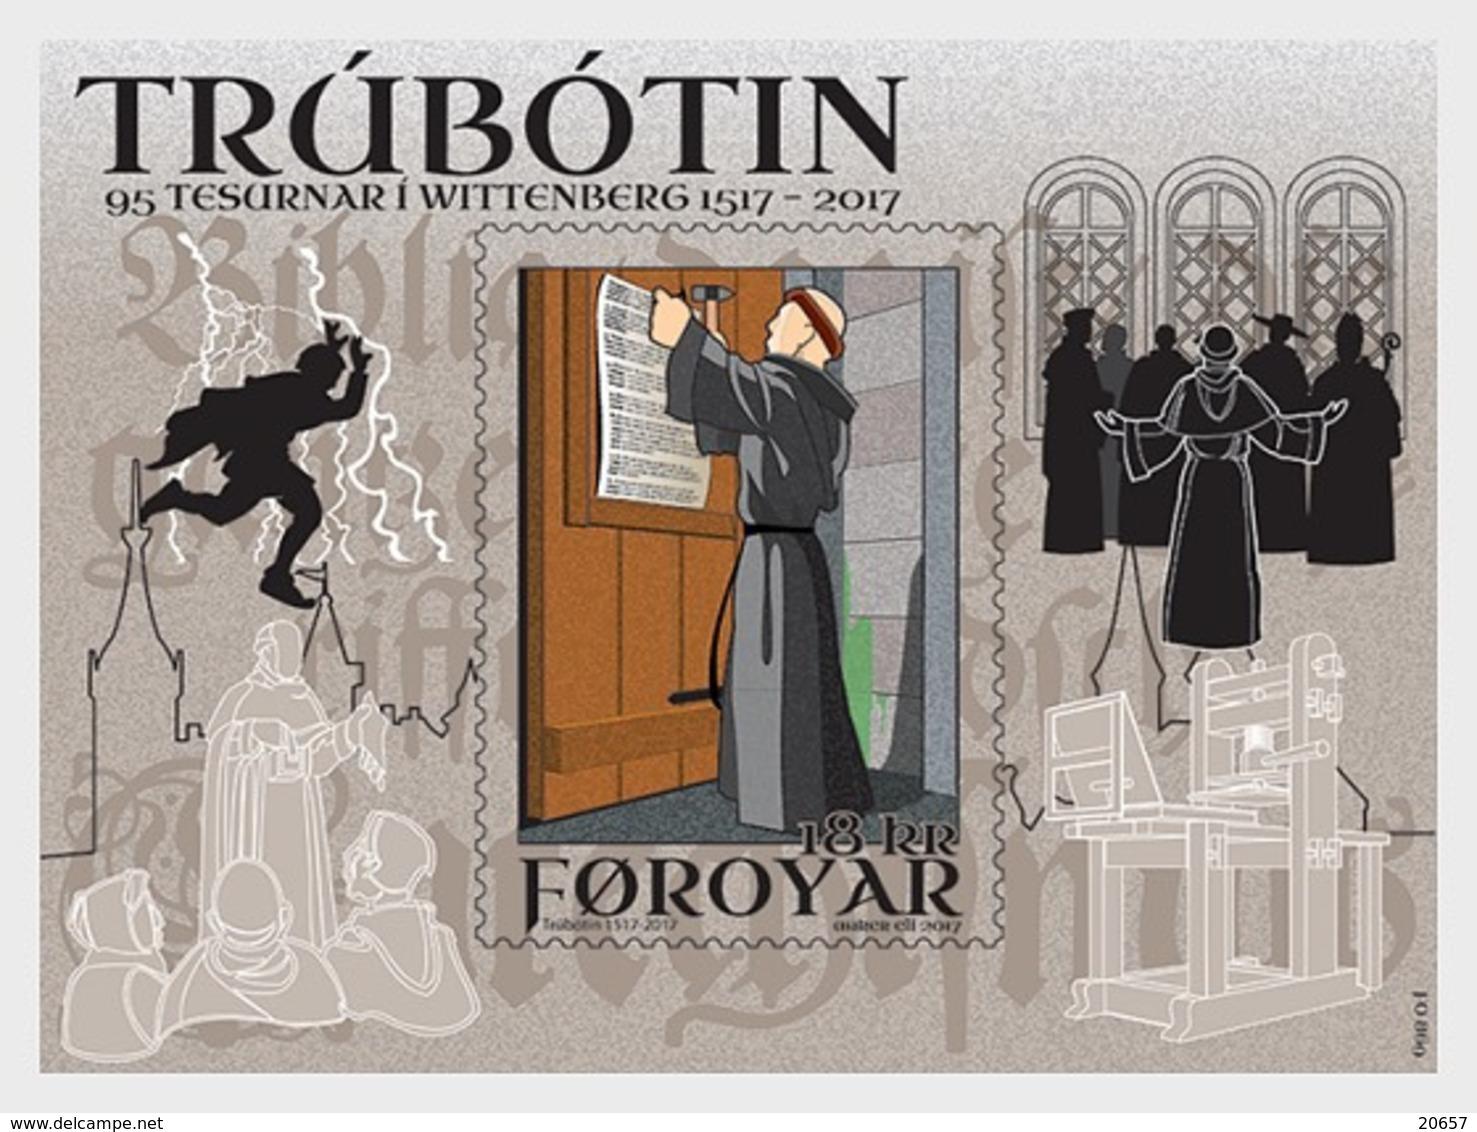 DANMARK Foroyar 0900 Et Feuillet, Martin Luther, Trubotin - Teologi